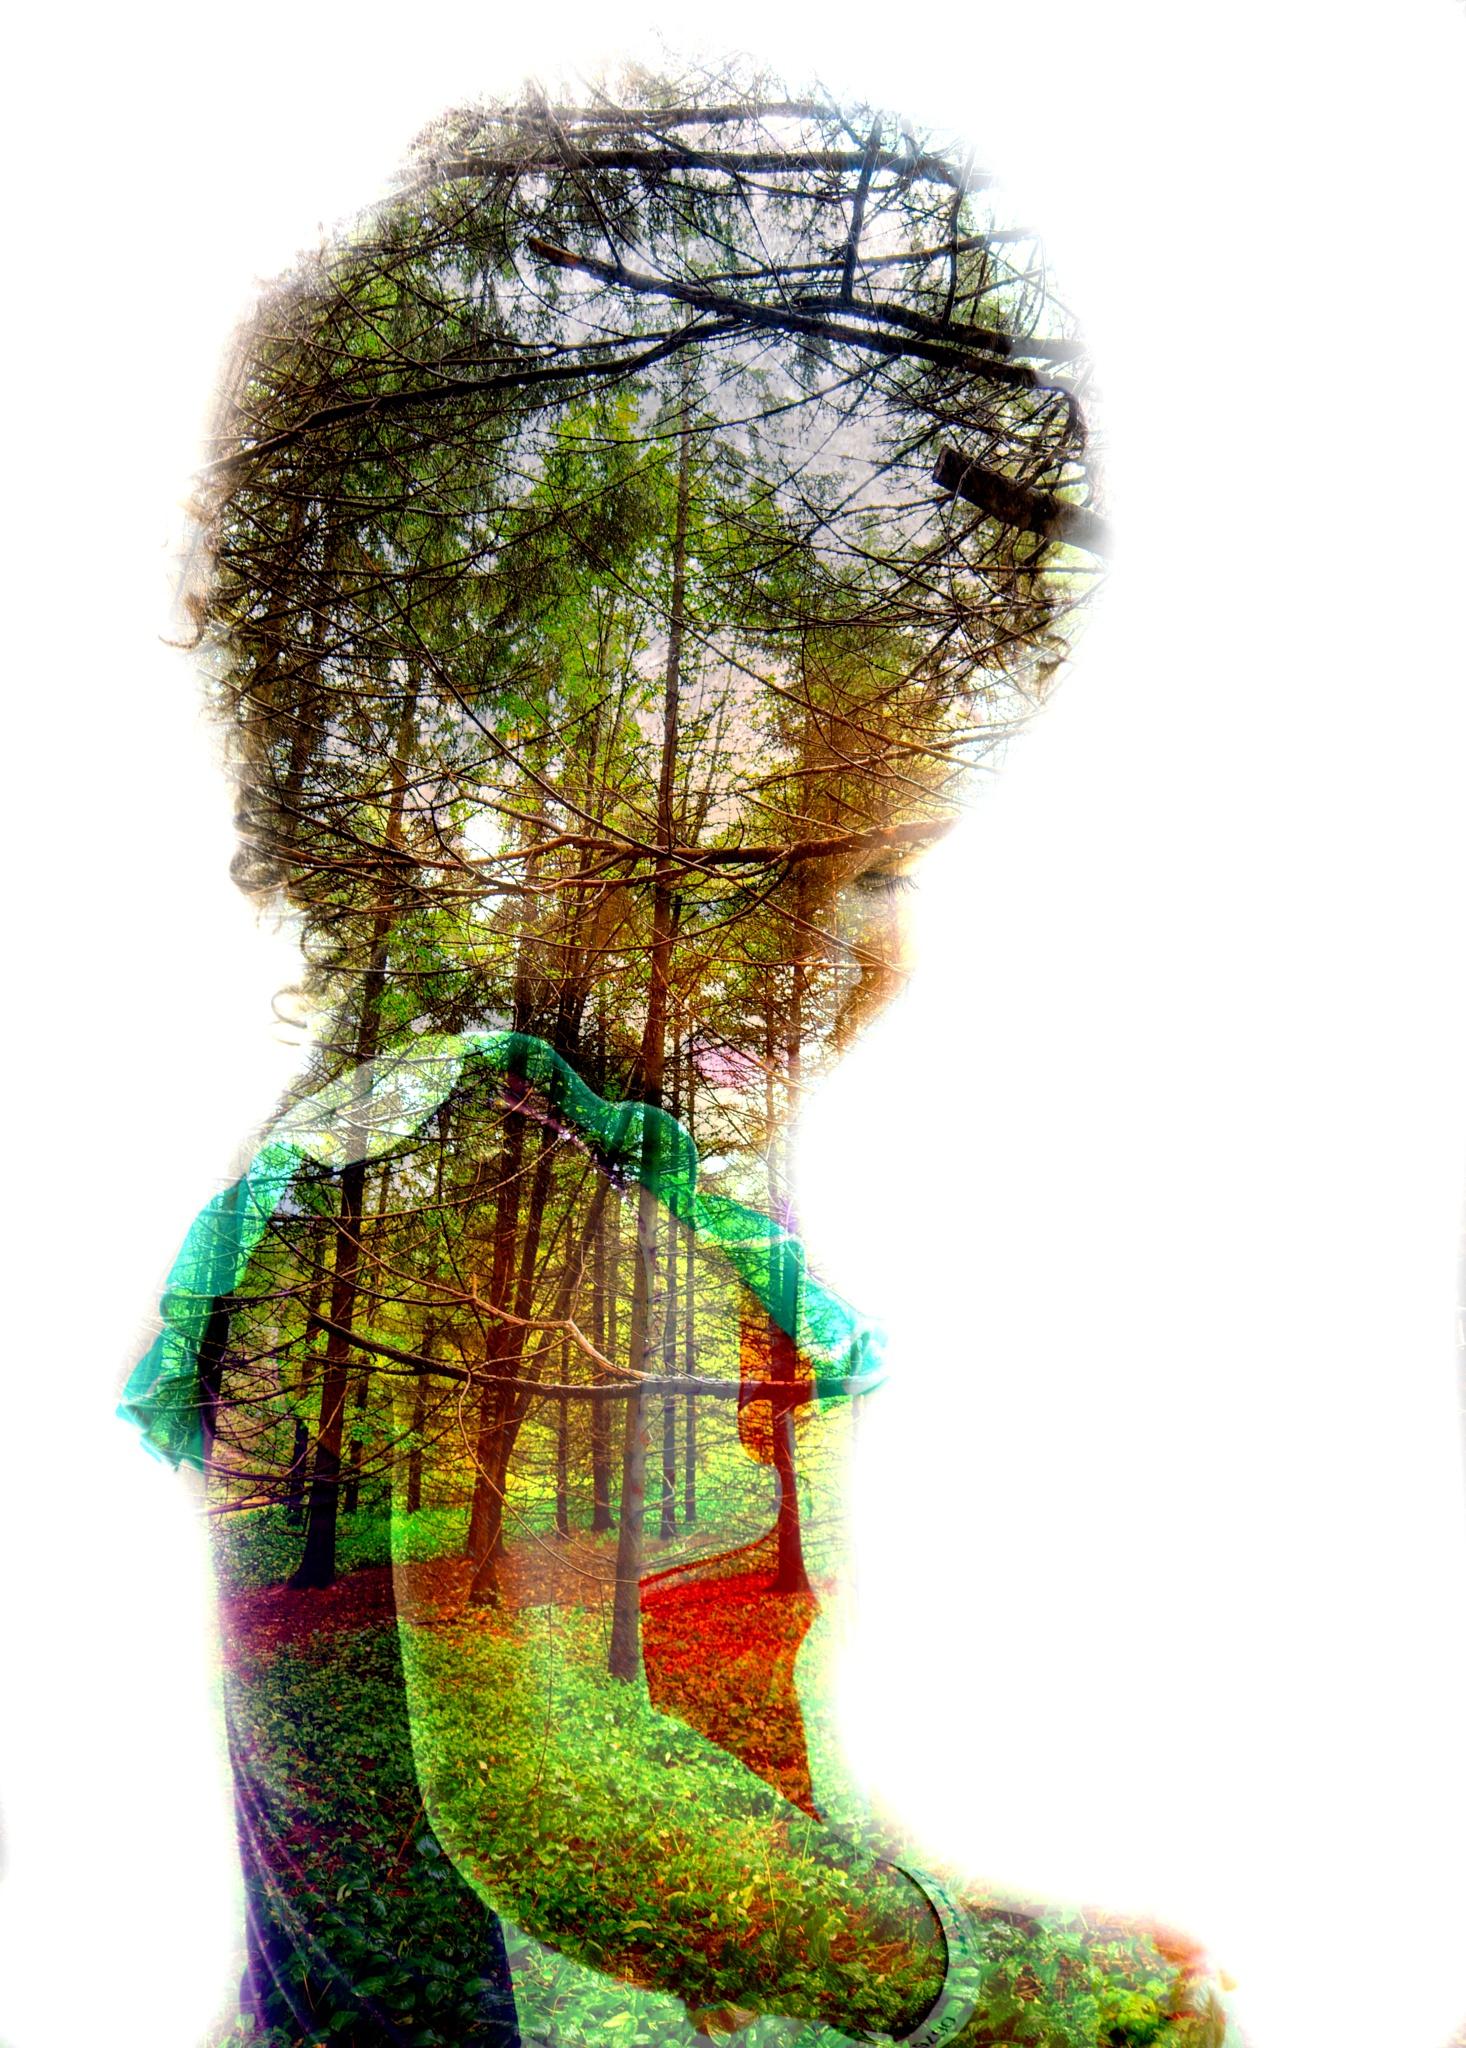 Nature - Nurture by Herb Drummond